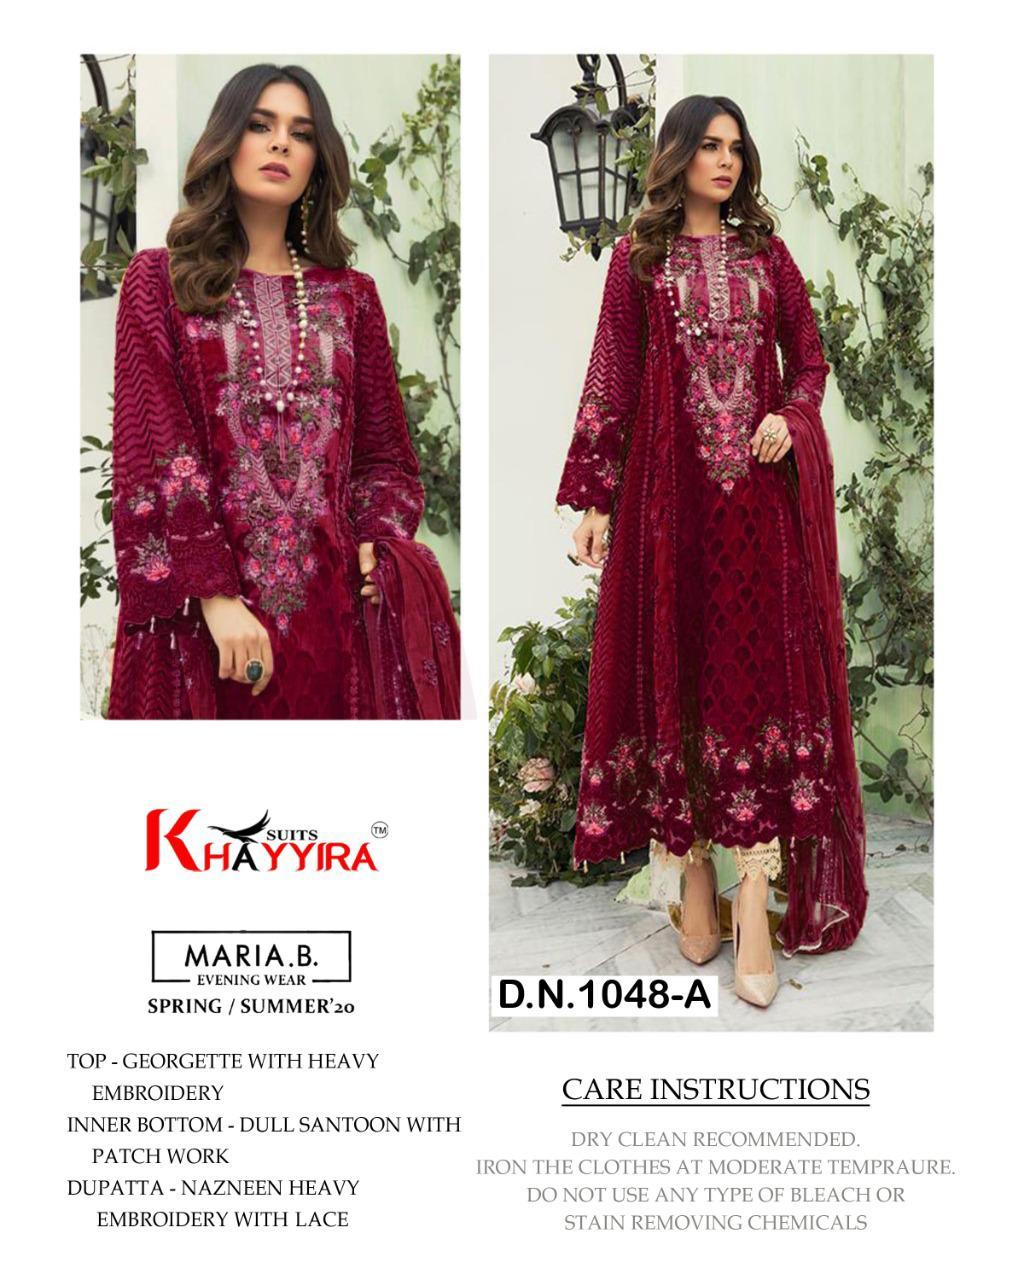 Khayyira Maria B Spring Summer 20 Salwar Suit Wholesale Catalog 6 Pcs 1 - Khayyira Maria B Spring Summer 20 Salwar Suit Wholesale Catalog 6 Pcs